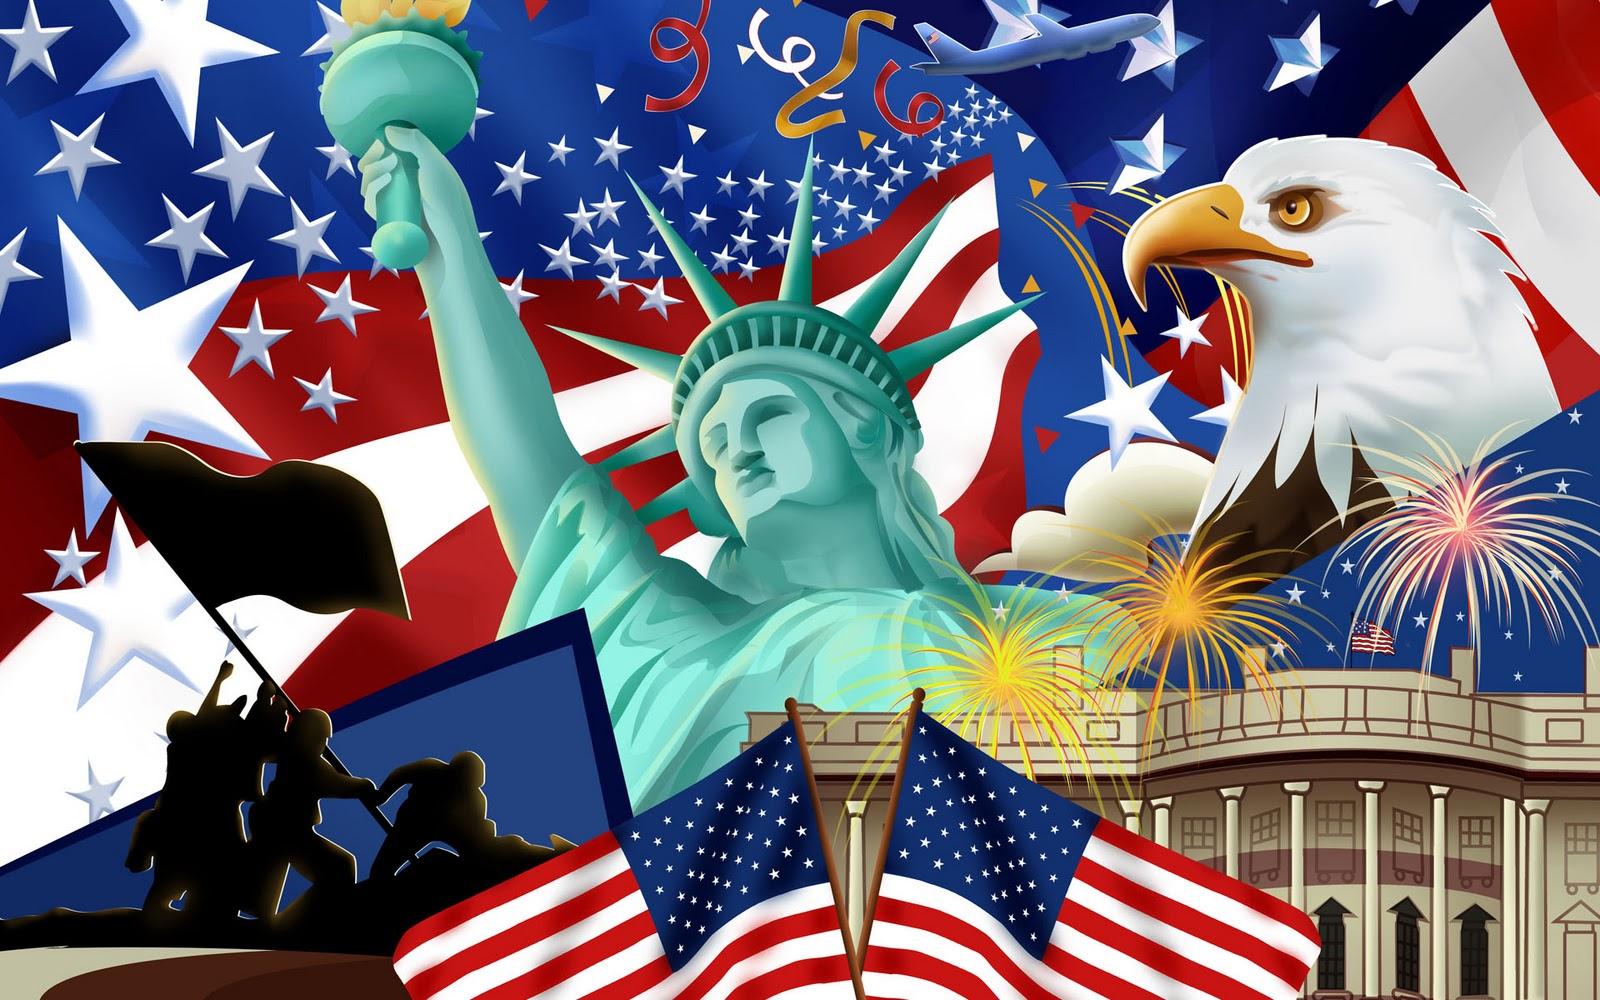 http://2.bp.blogspot.com/_VgTieCVIdyk/TO2pqrQs7xI/AAAAAAAAA9A/8Ip526gPdJE/s1600/american-flag-wallpapers_6121_1920x1200.jpg